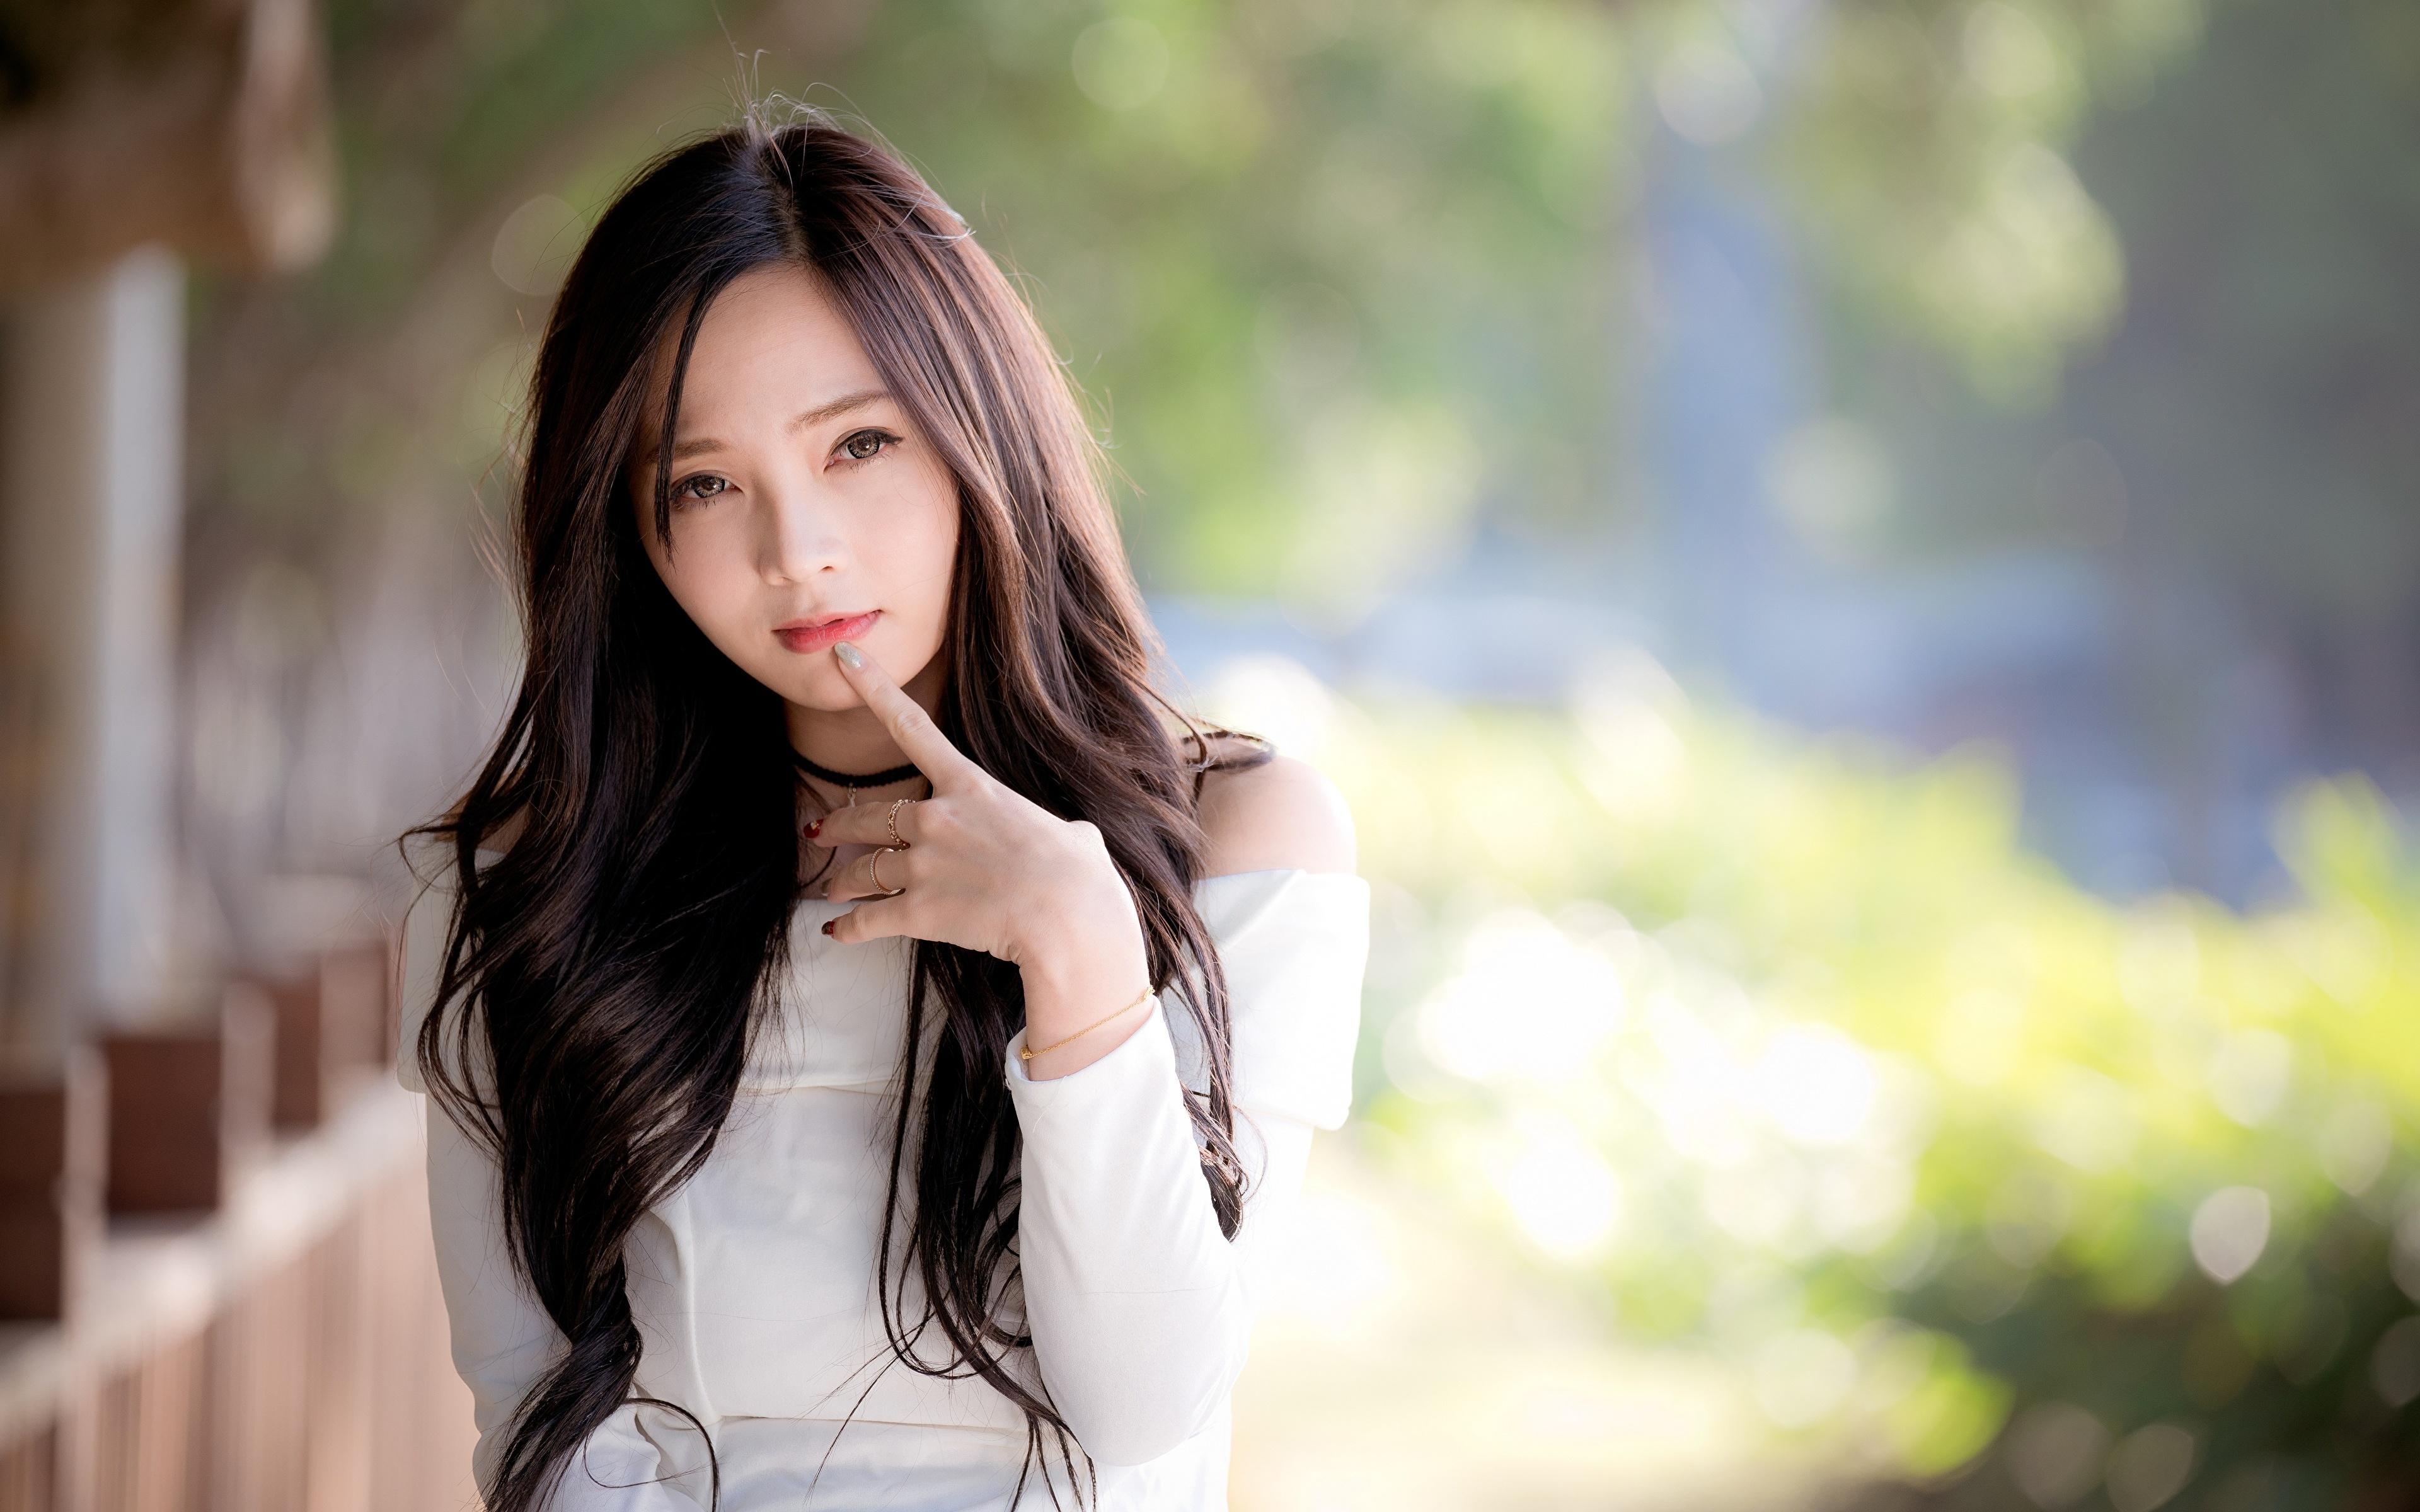 Фотографии Размытый фон Девушки Азиаты Руки Взгляд 3840x2400 боке девушка молодая женщина молодые женщины азиатки азиатка рука смотрит смотрят